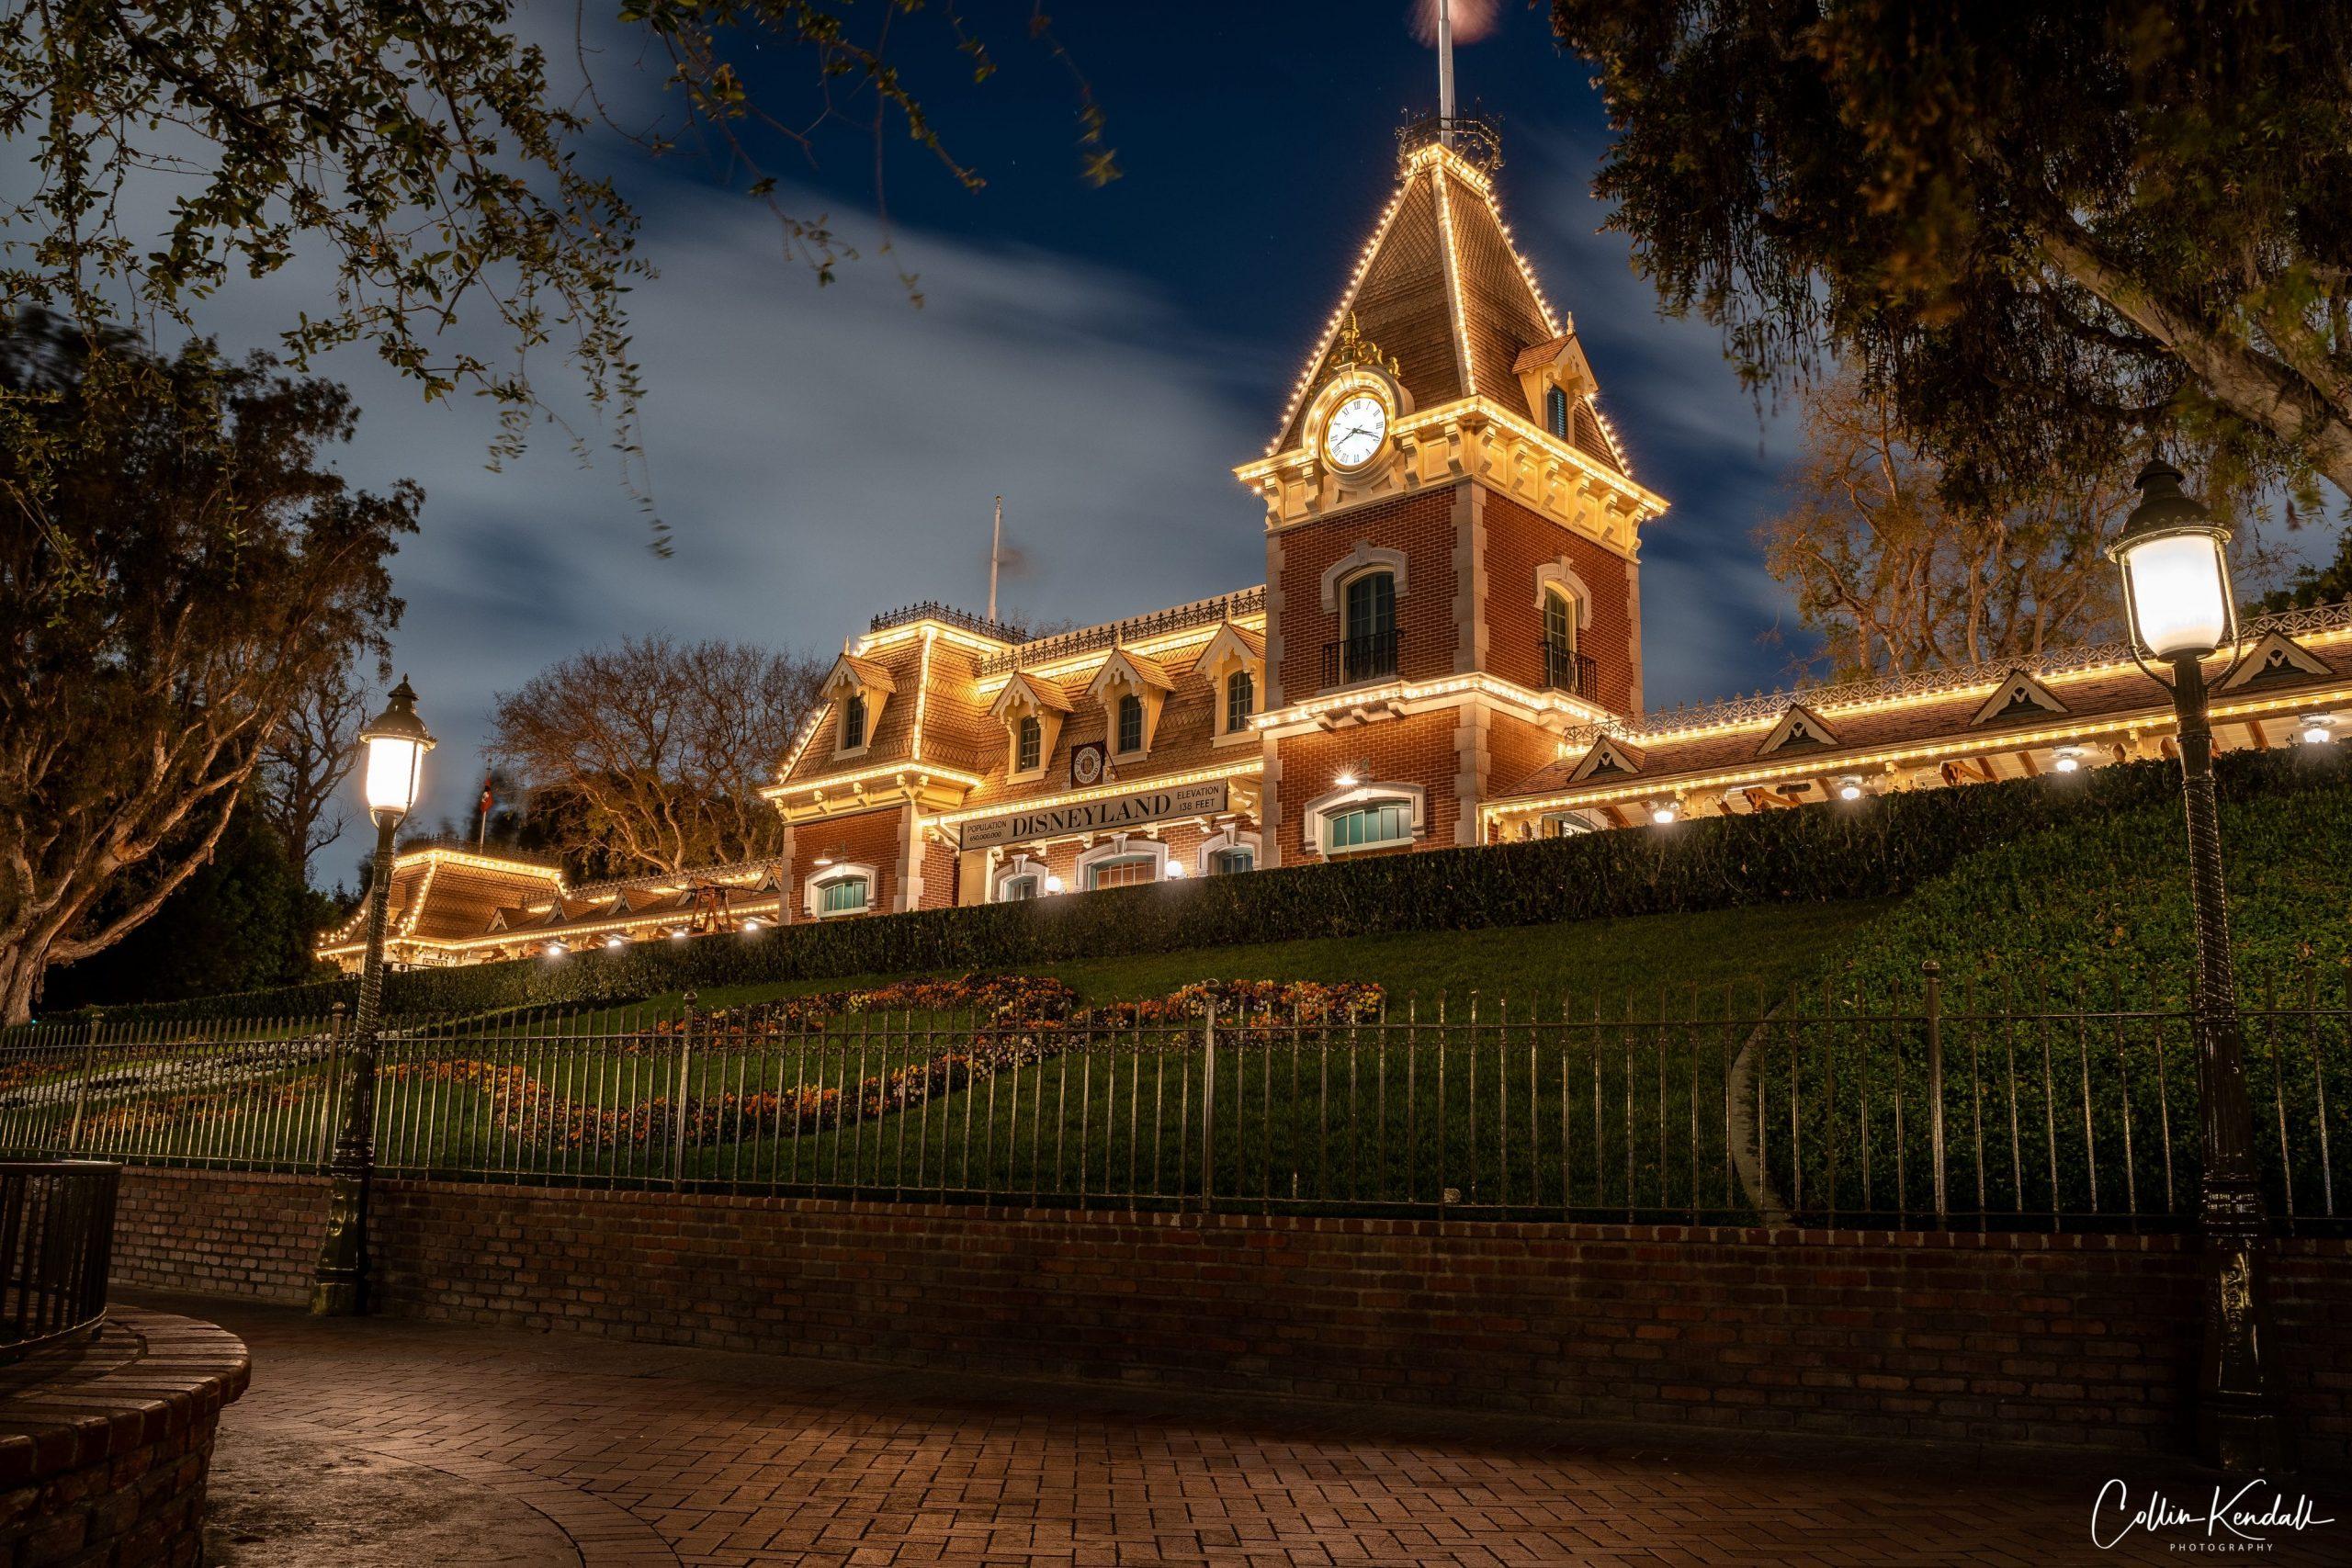 Disneyland vs. Disney World: Train Station